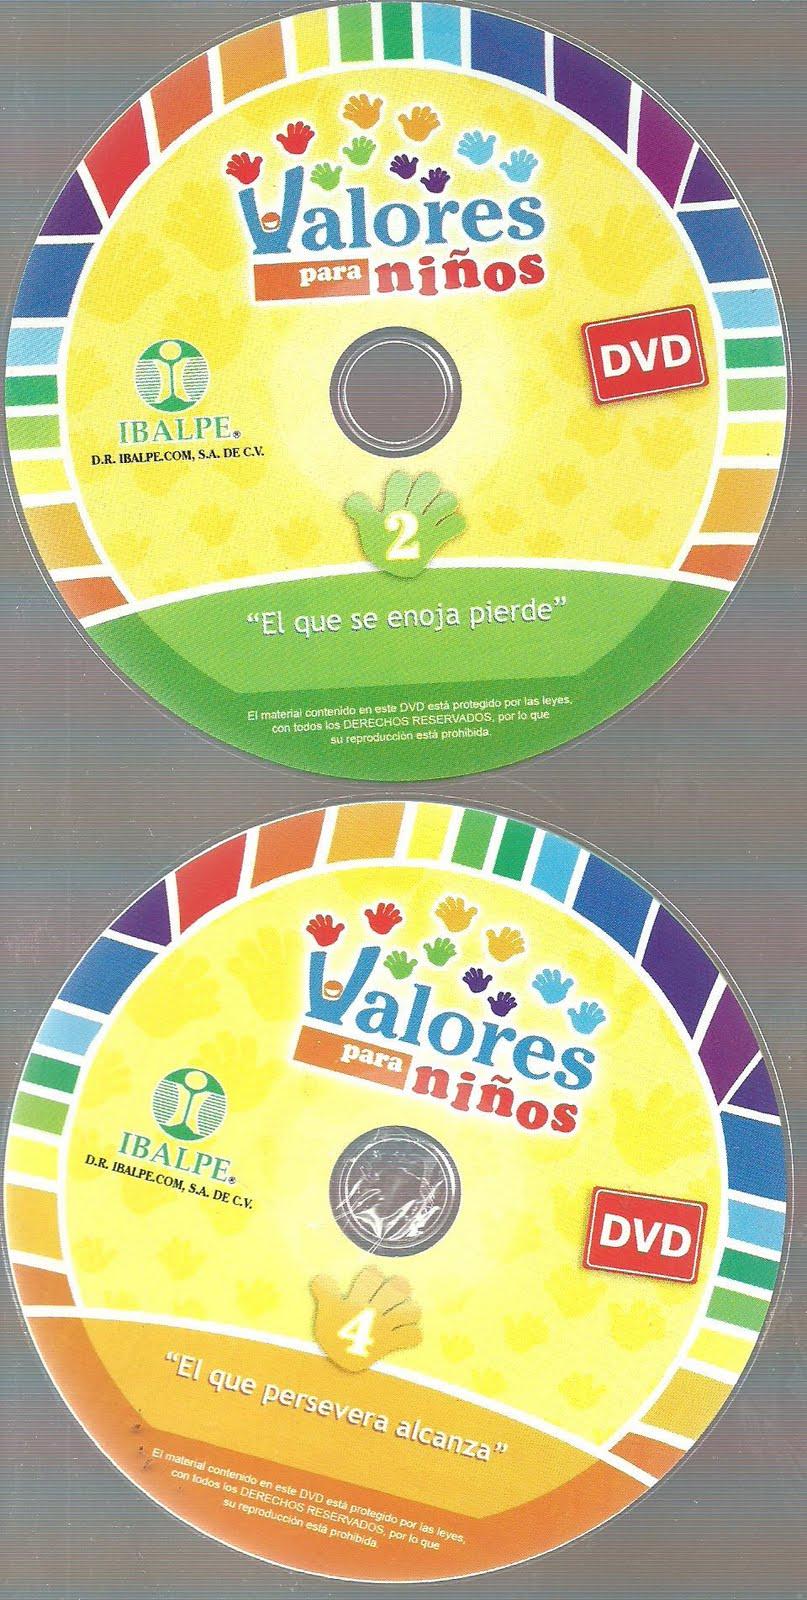 PROFESIONAL: LIBROS y DVDS : VALORES PARA NIÑOS (PREESCOLAR IBALPE